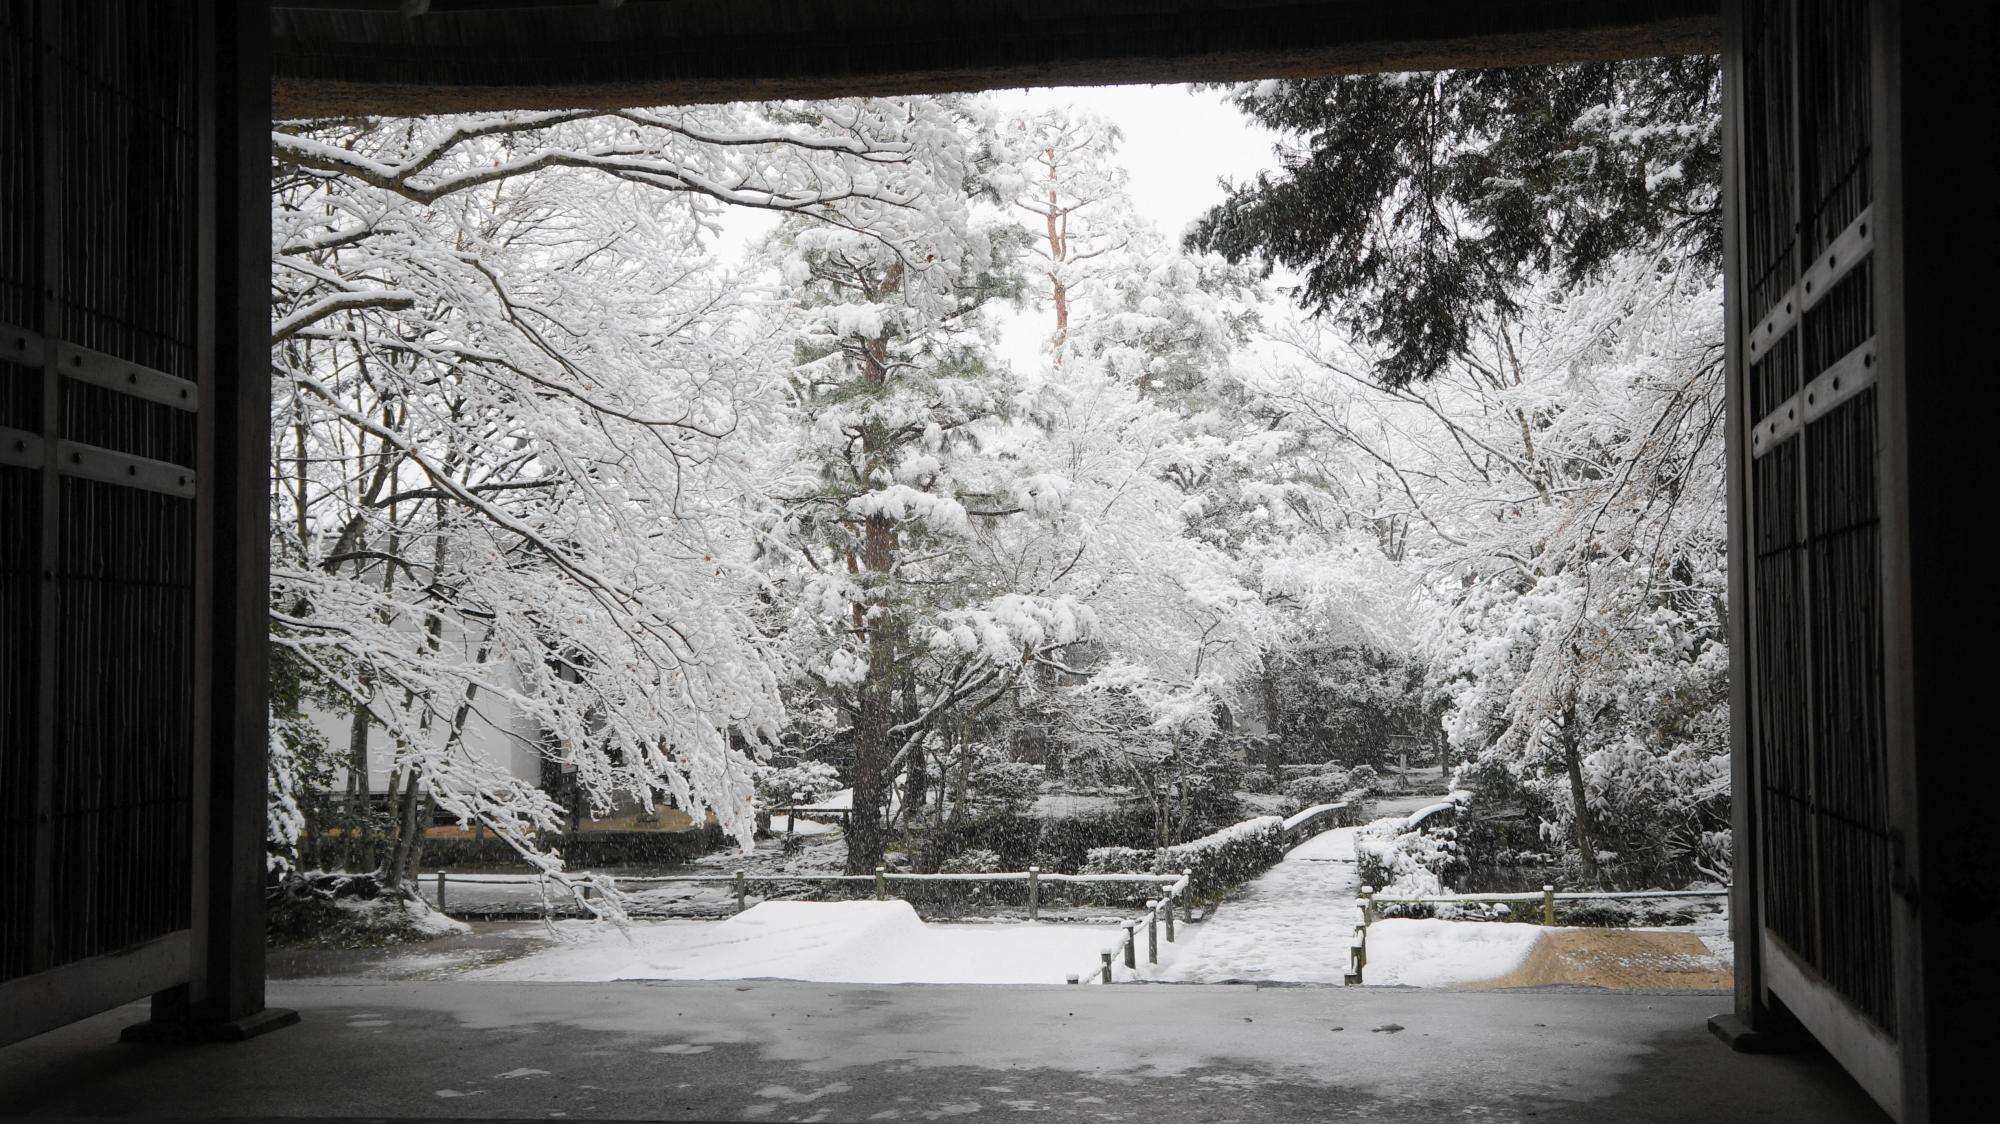 雪につつまれた法然院の境内